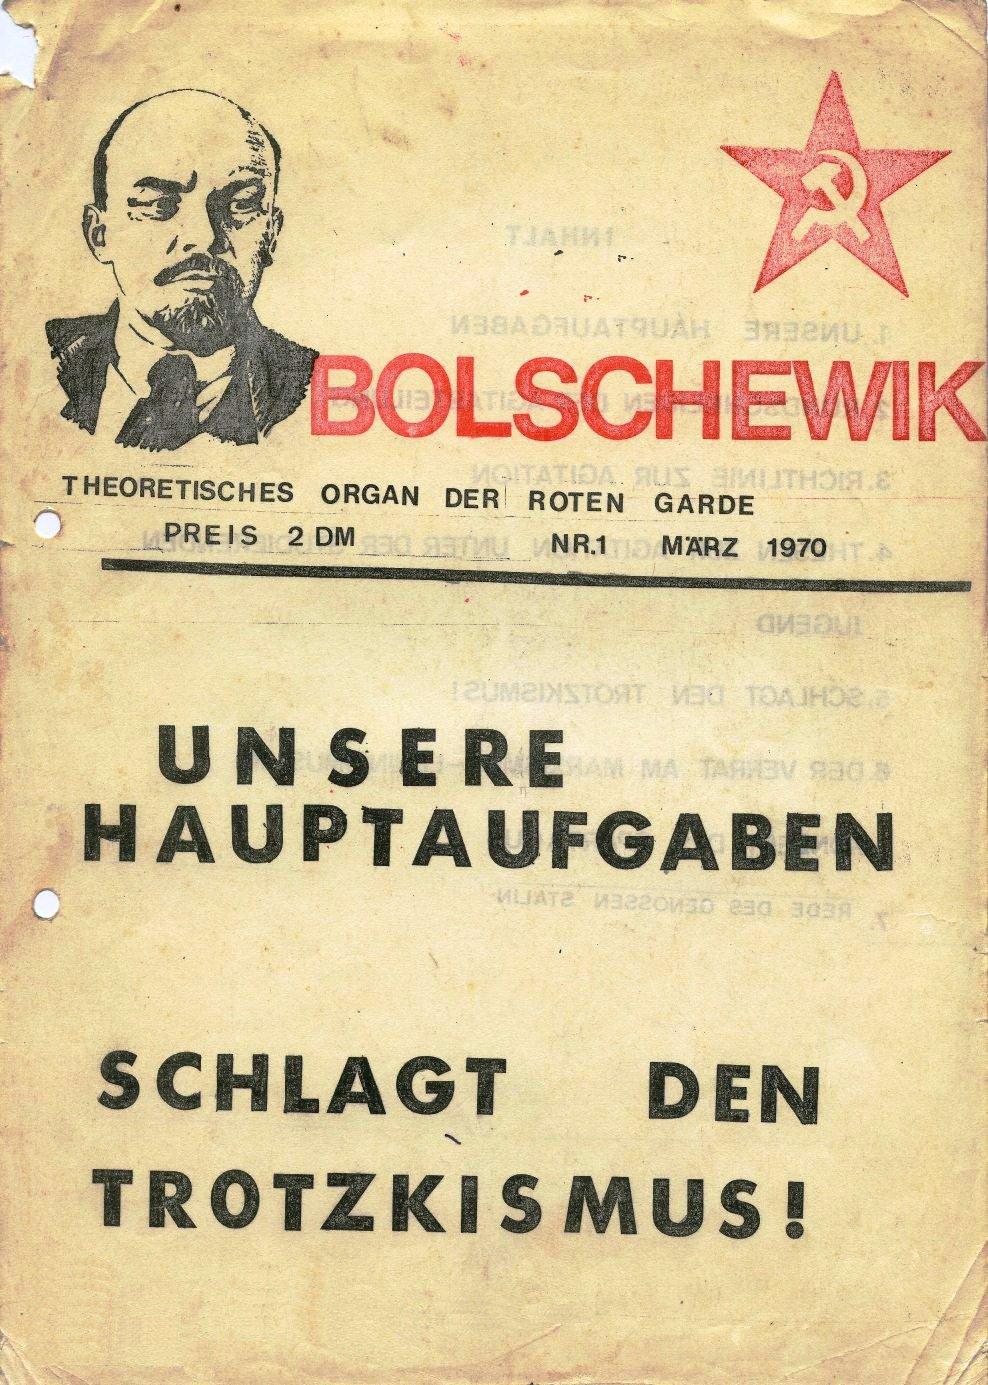 RG_Bolschewik_1970_01_001